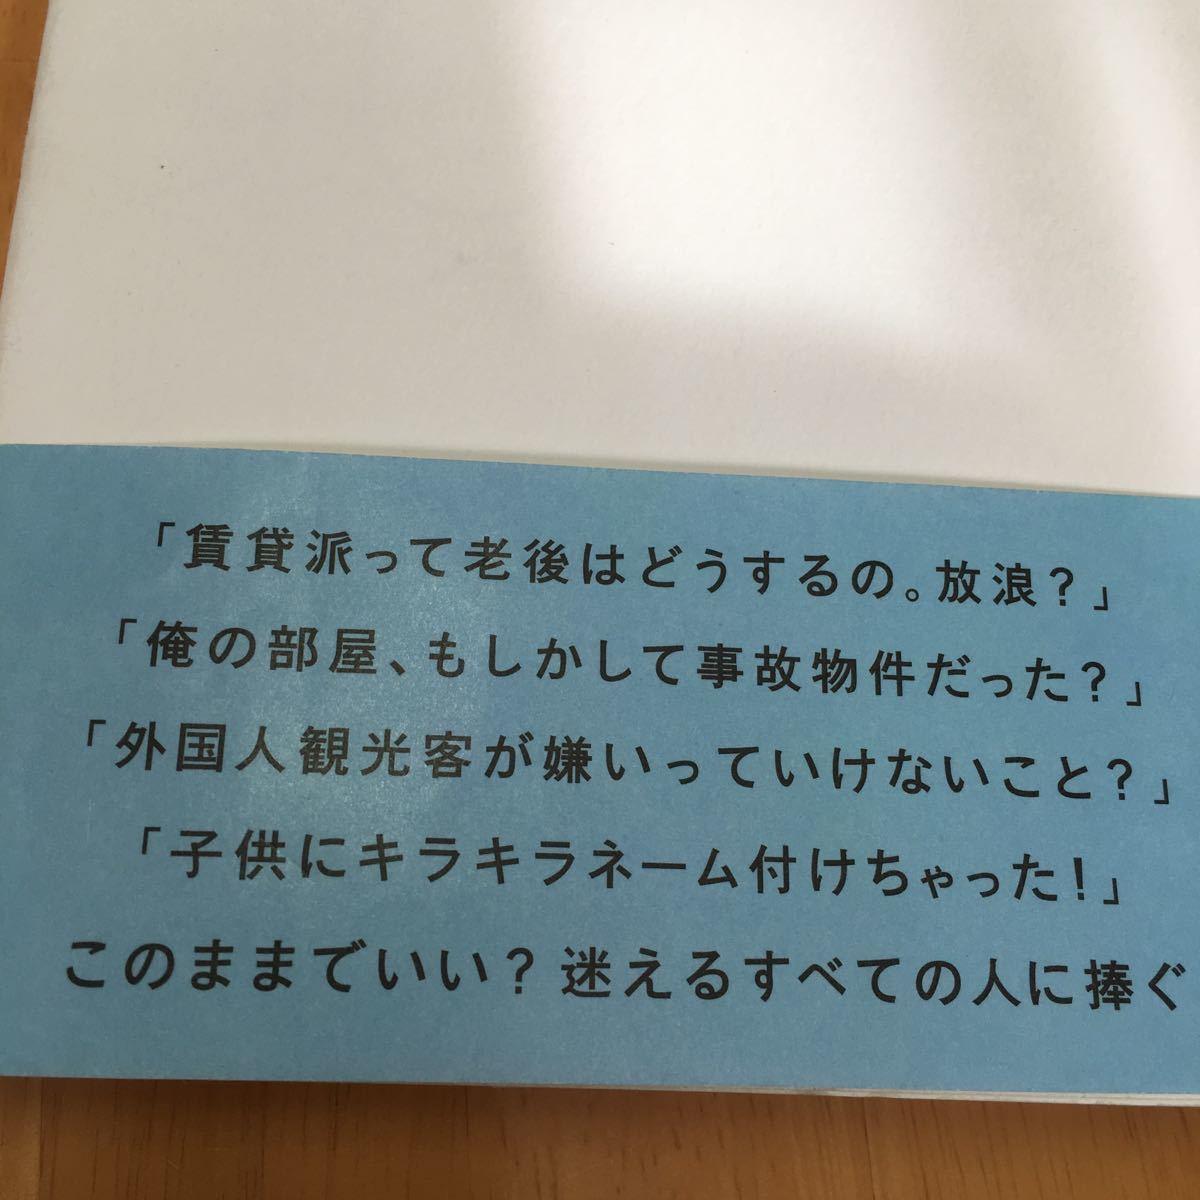 宝くじで1億円当たった人の末路 鈴木信行 中古 状態普通_画像9